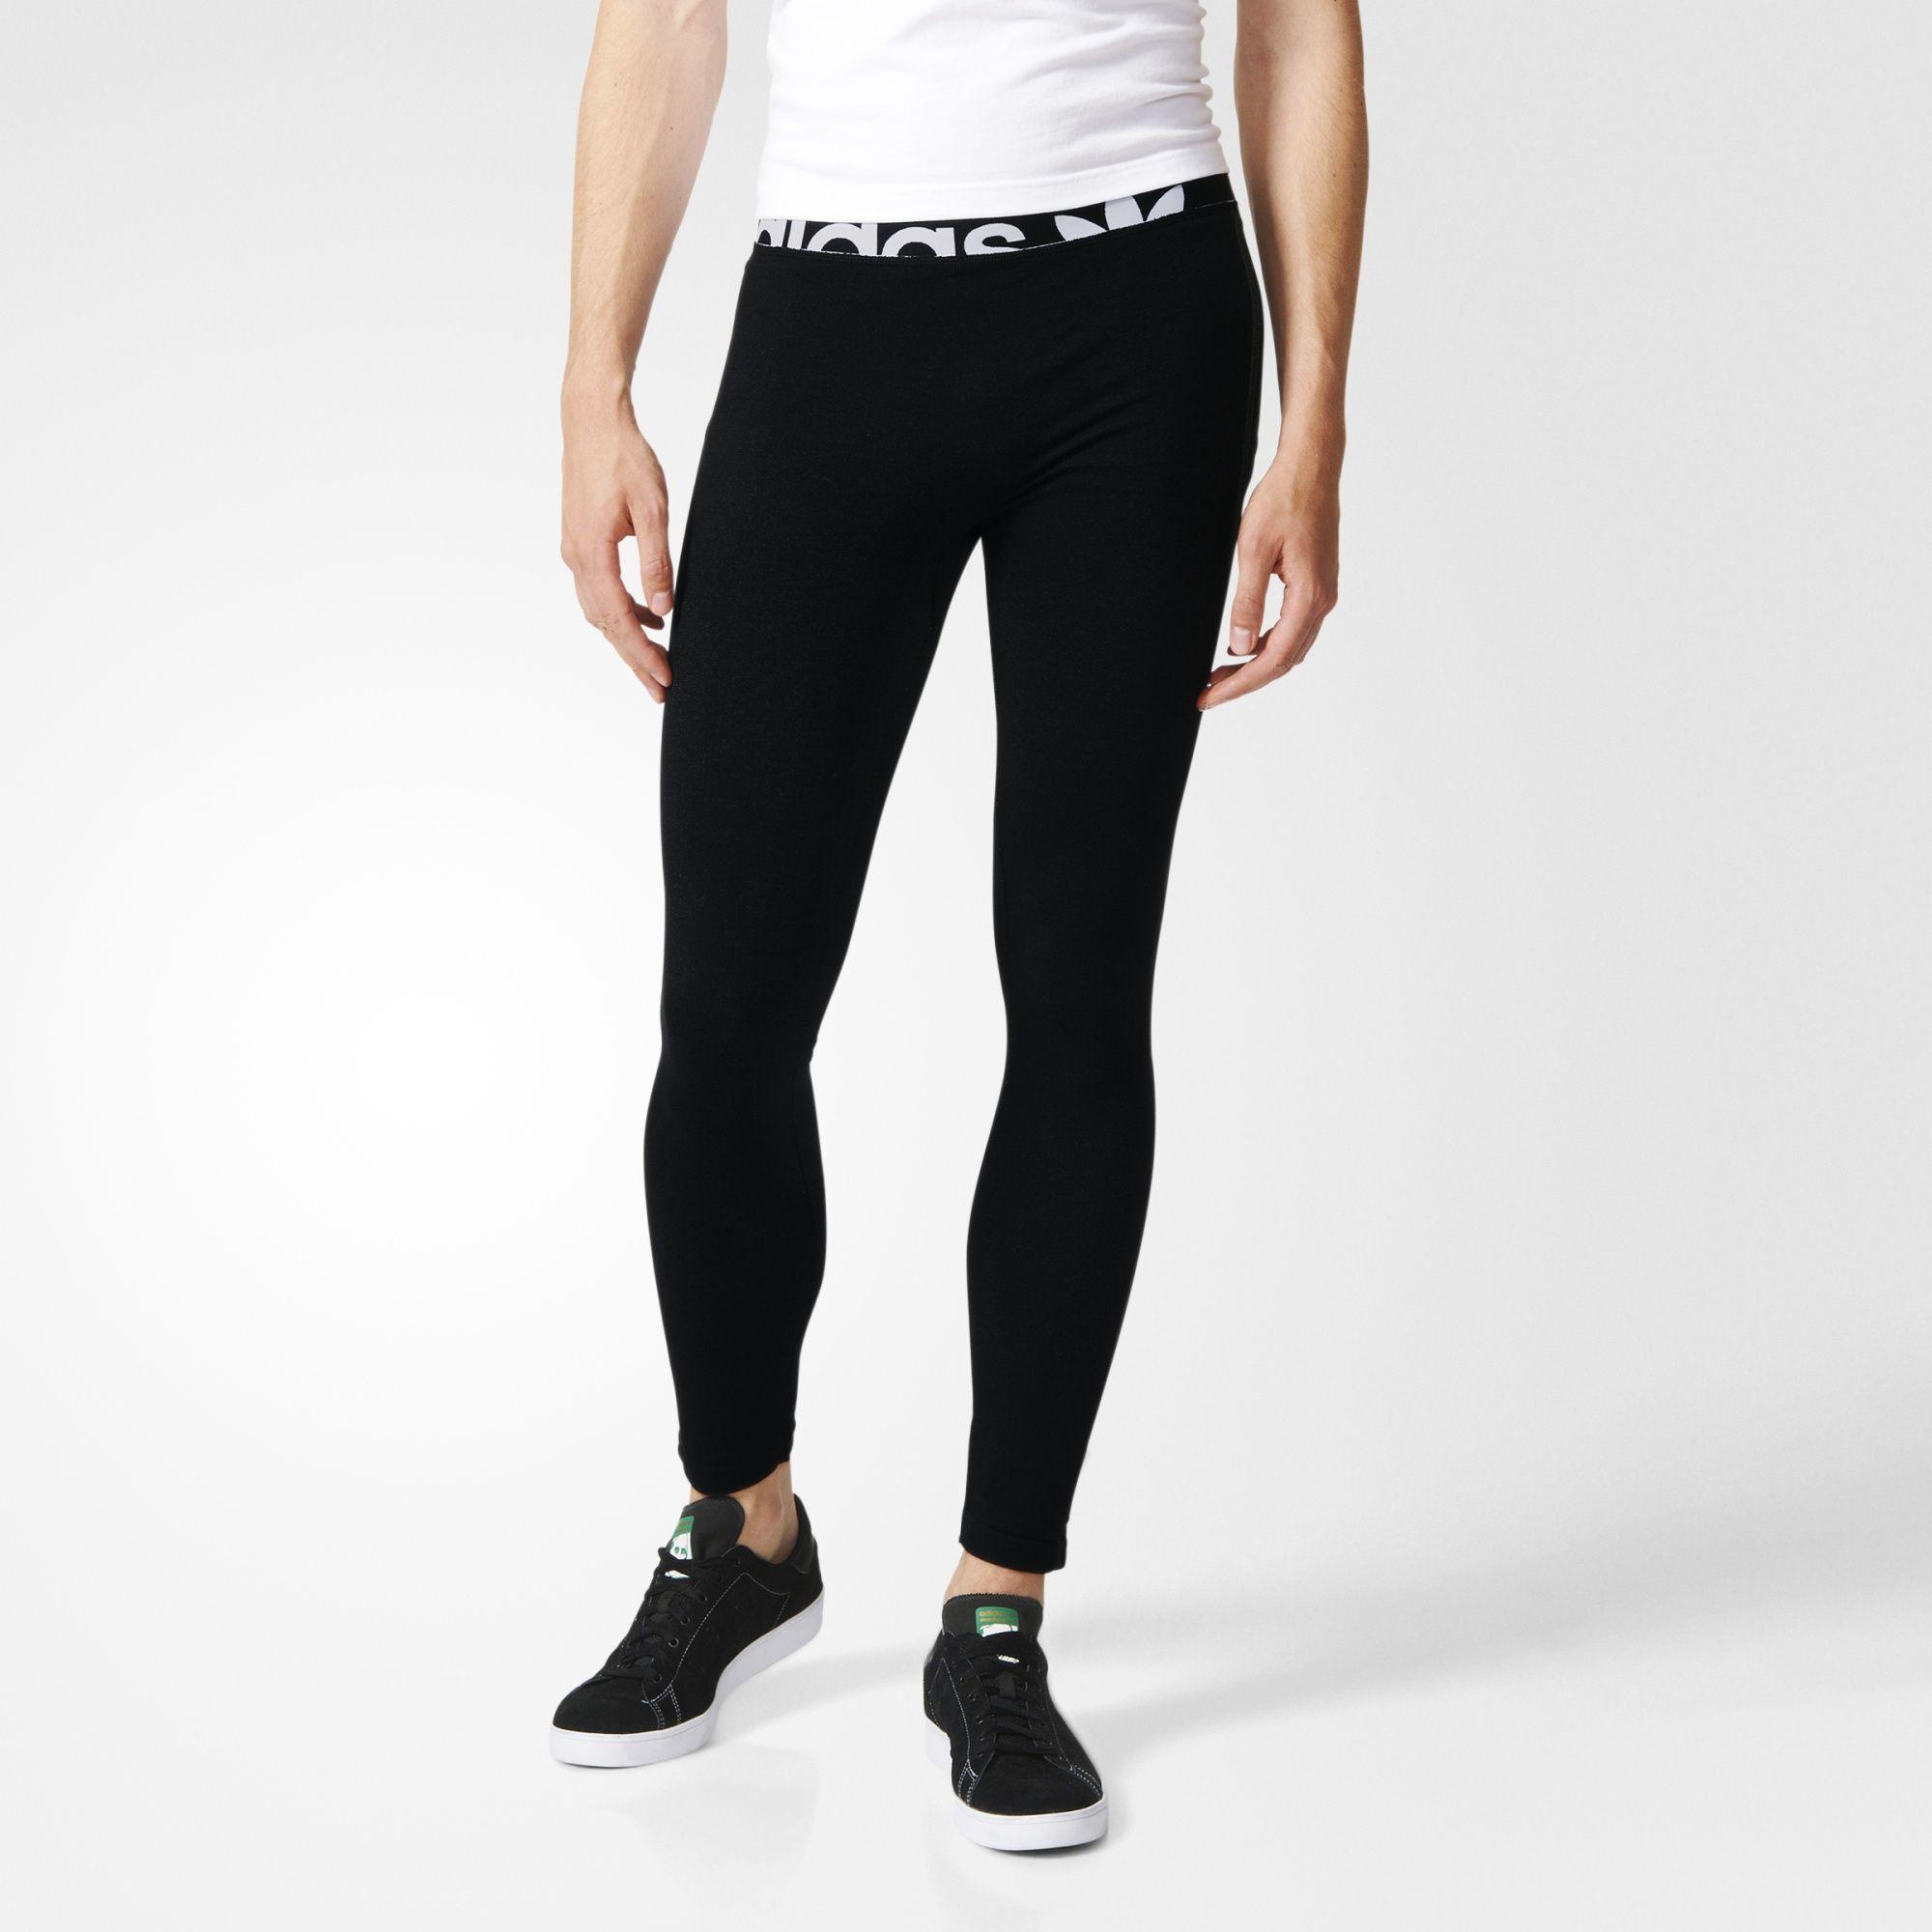 ADIDAS DAMEN ESSENTIAL Leggings 3 Streifen Design